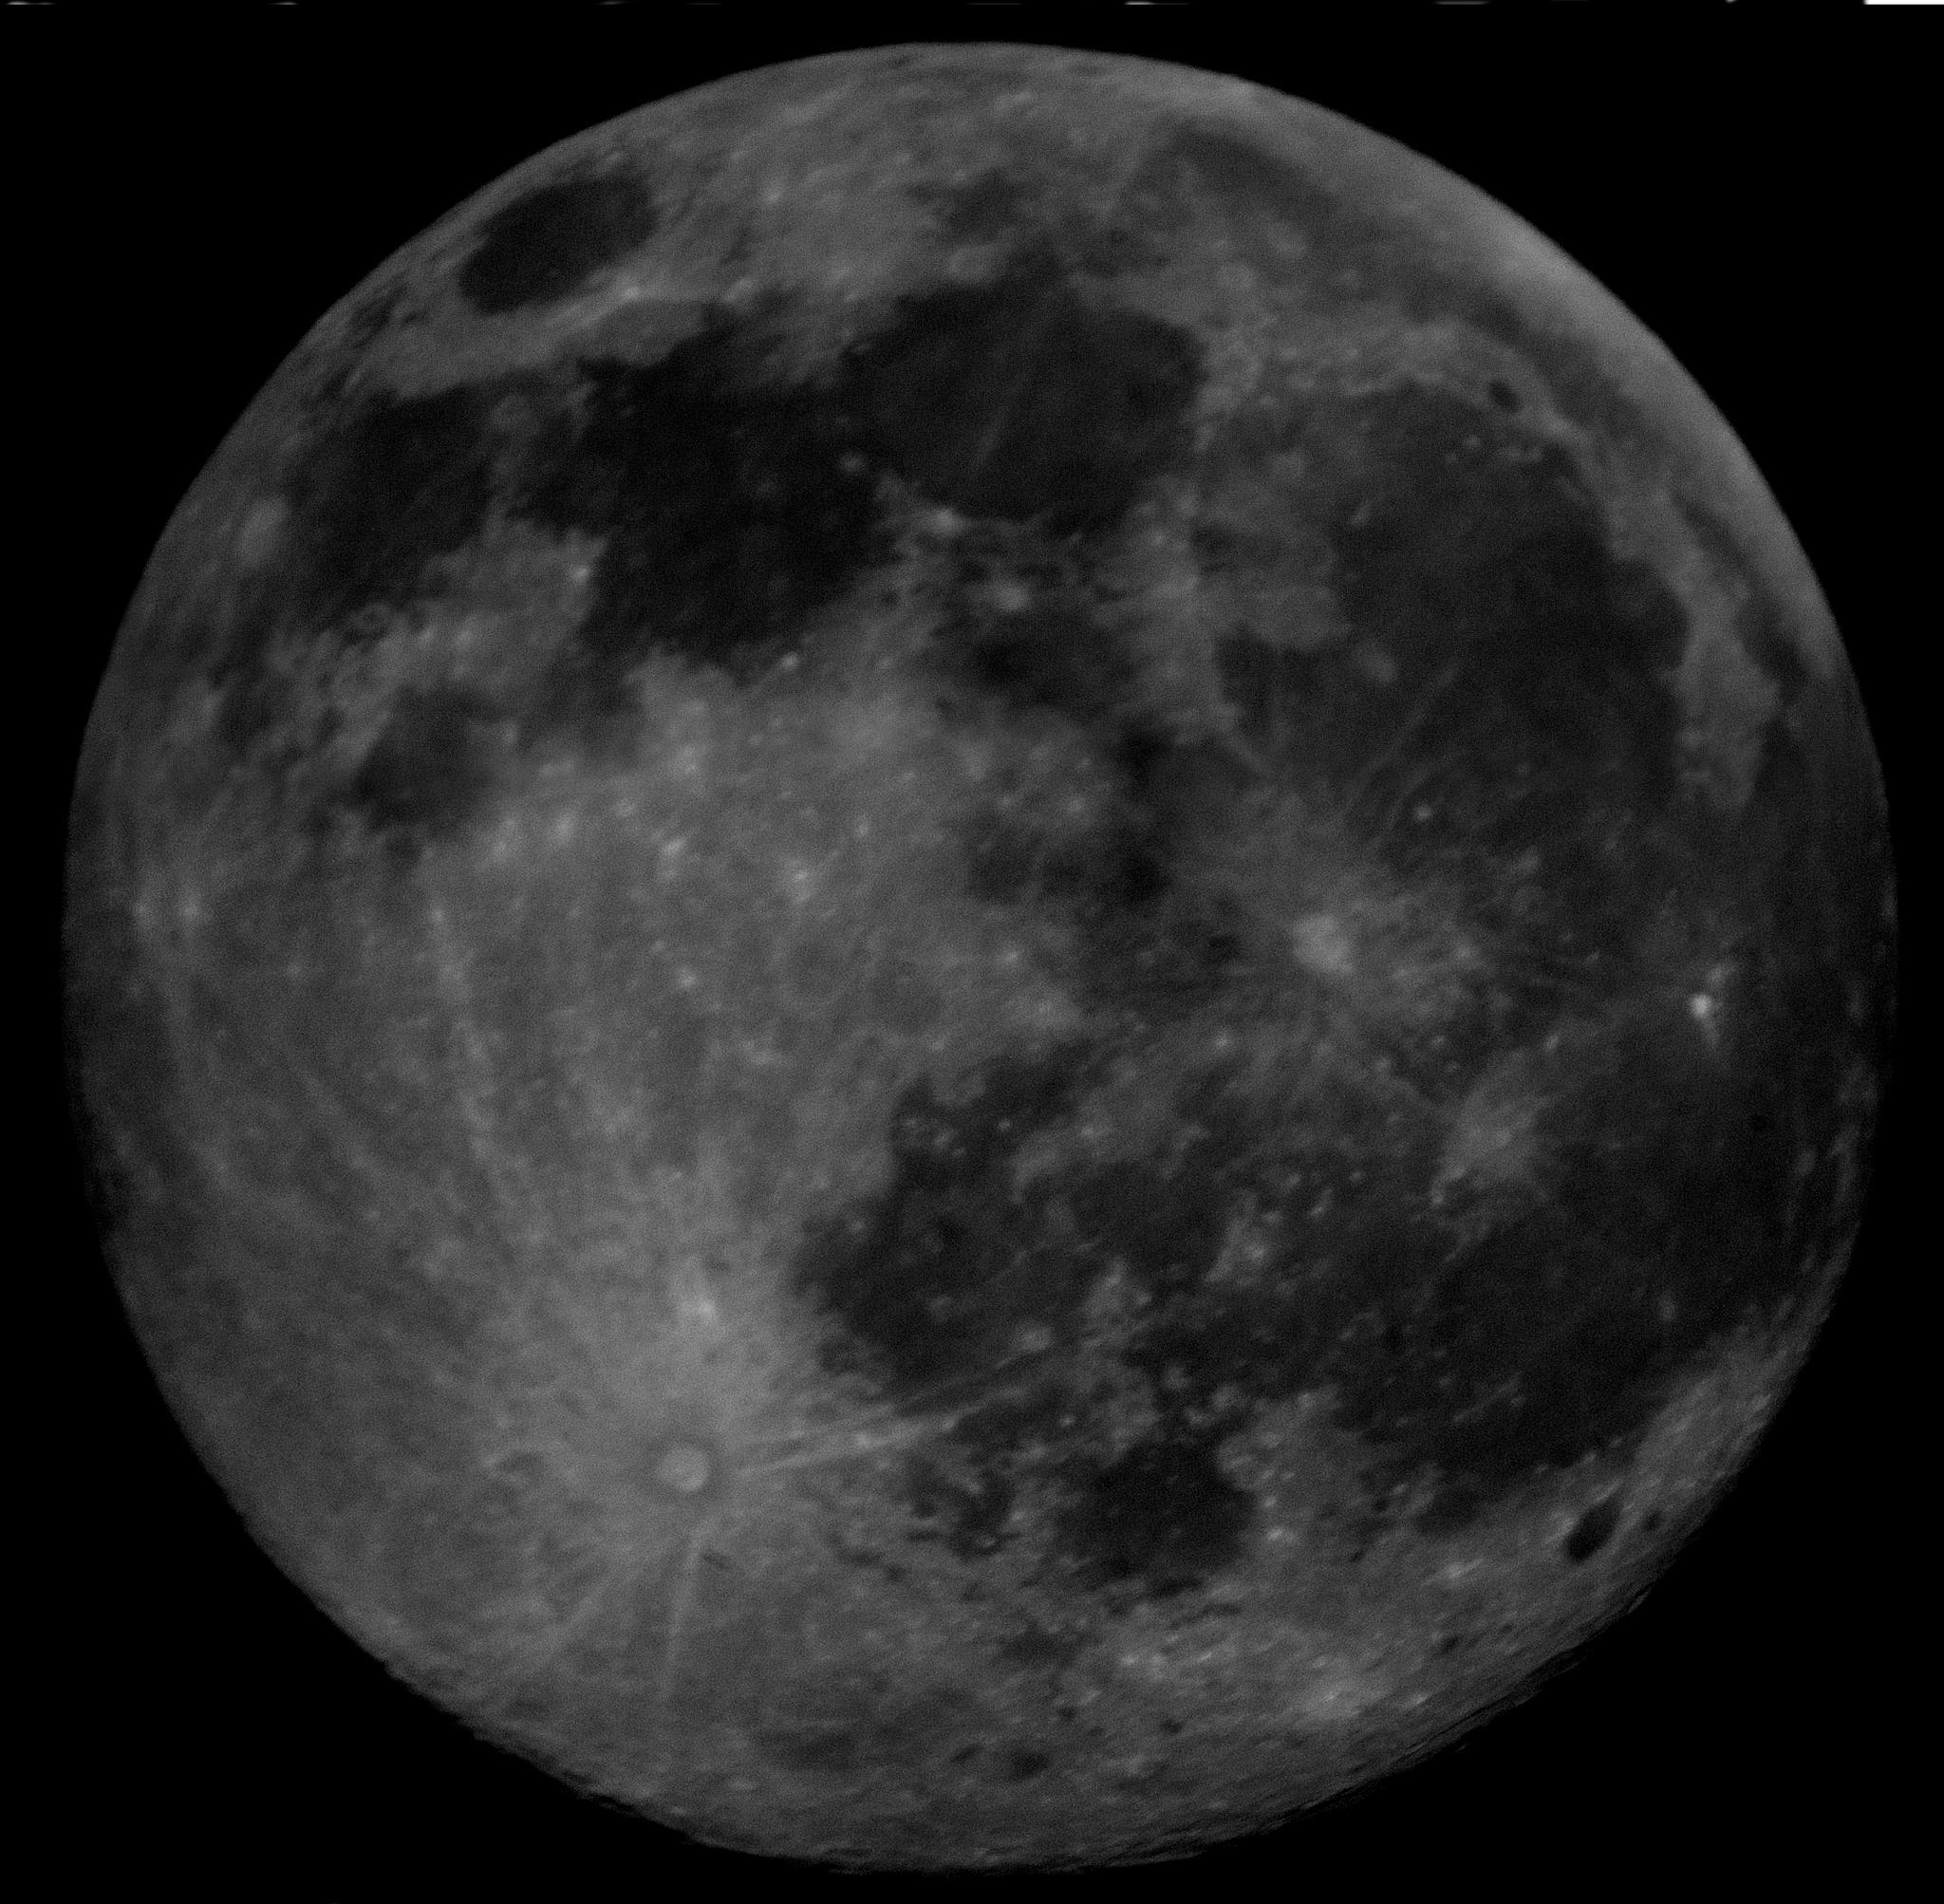 Blue Moon by Alienfox